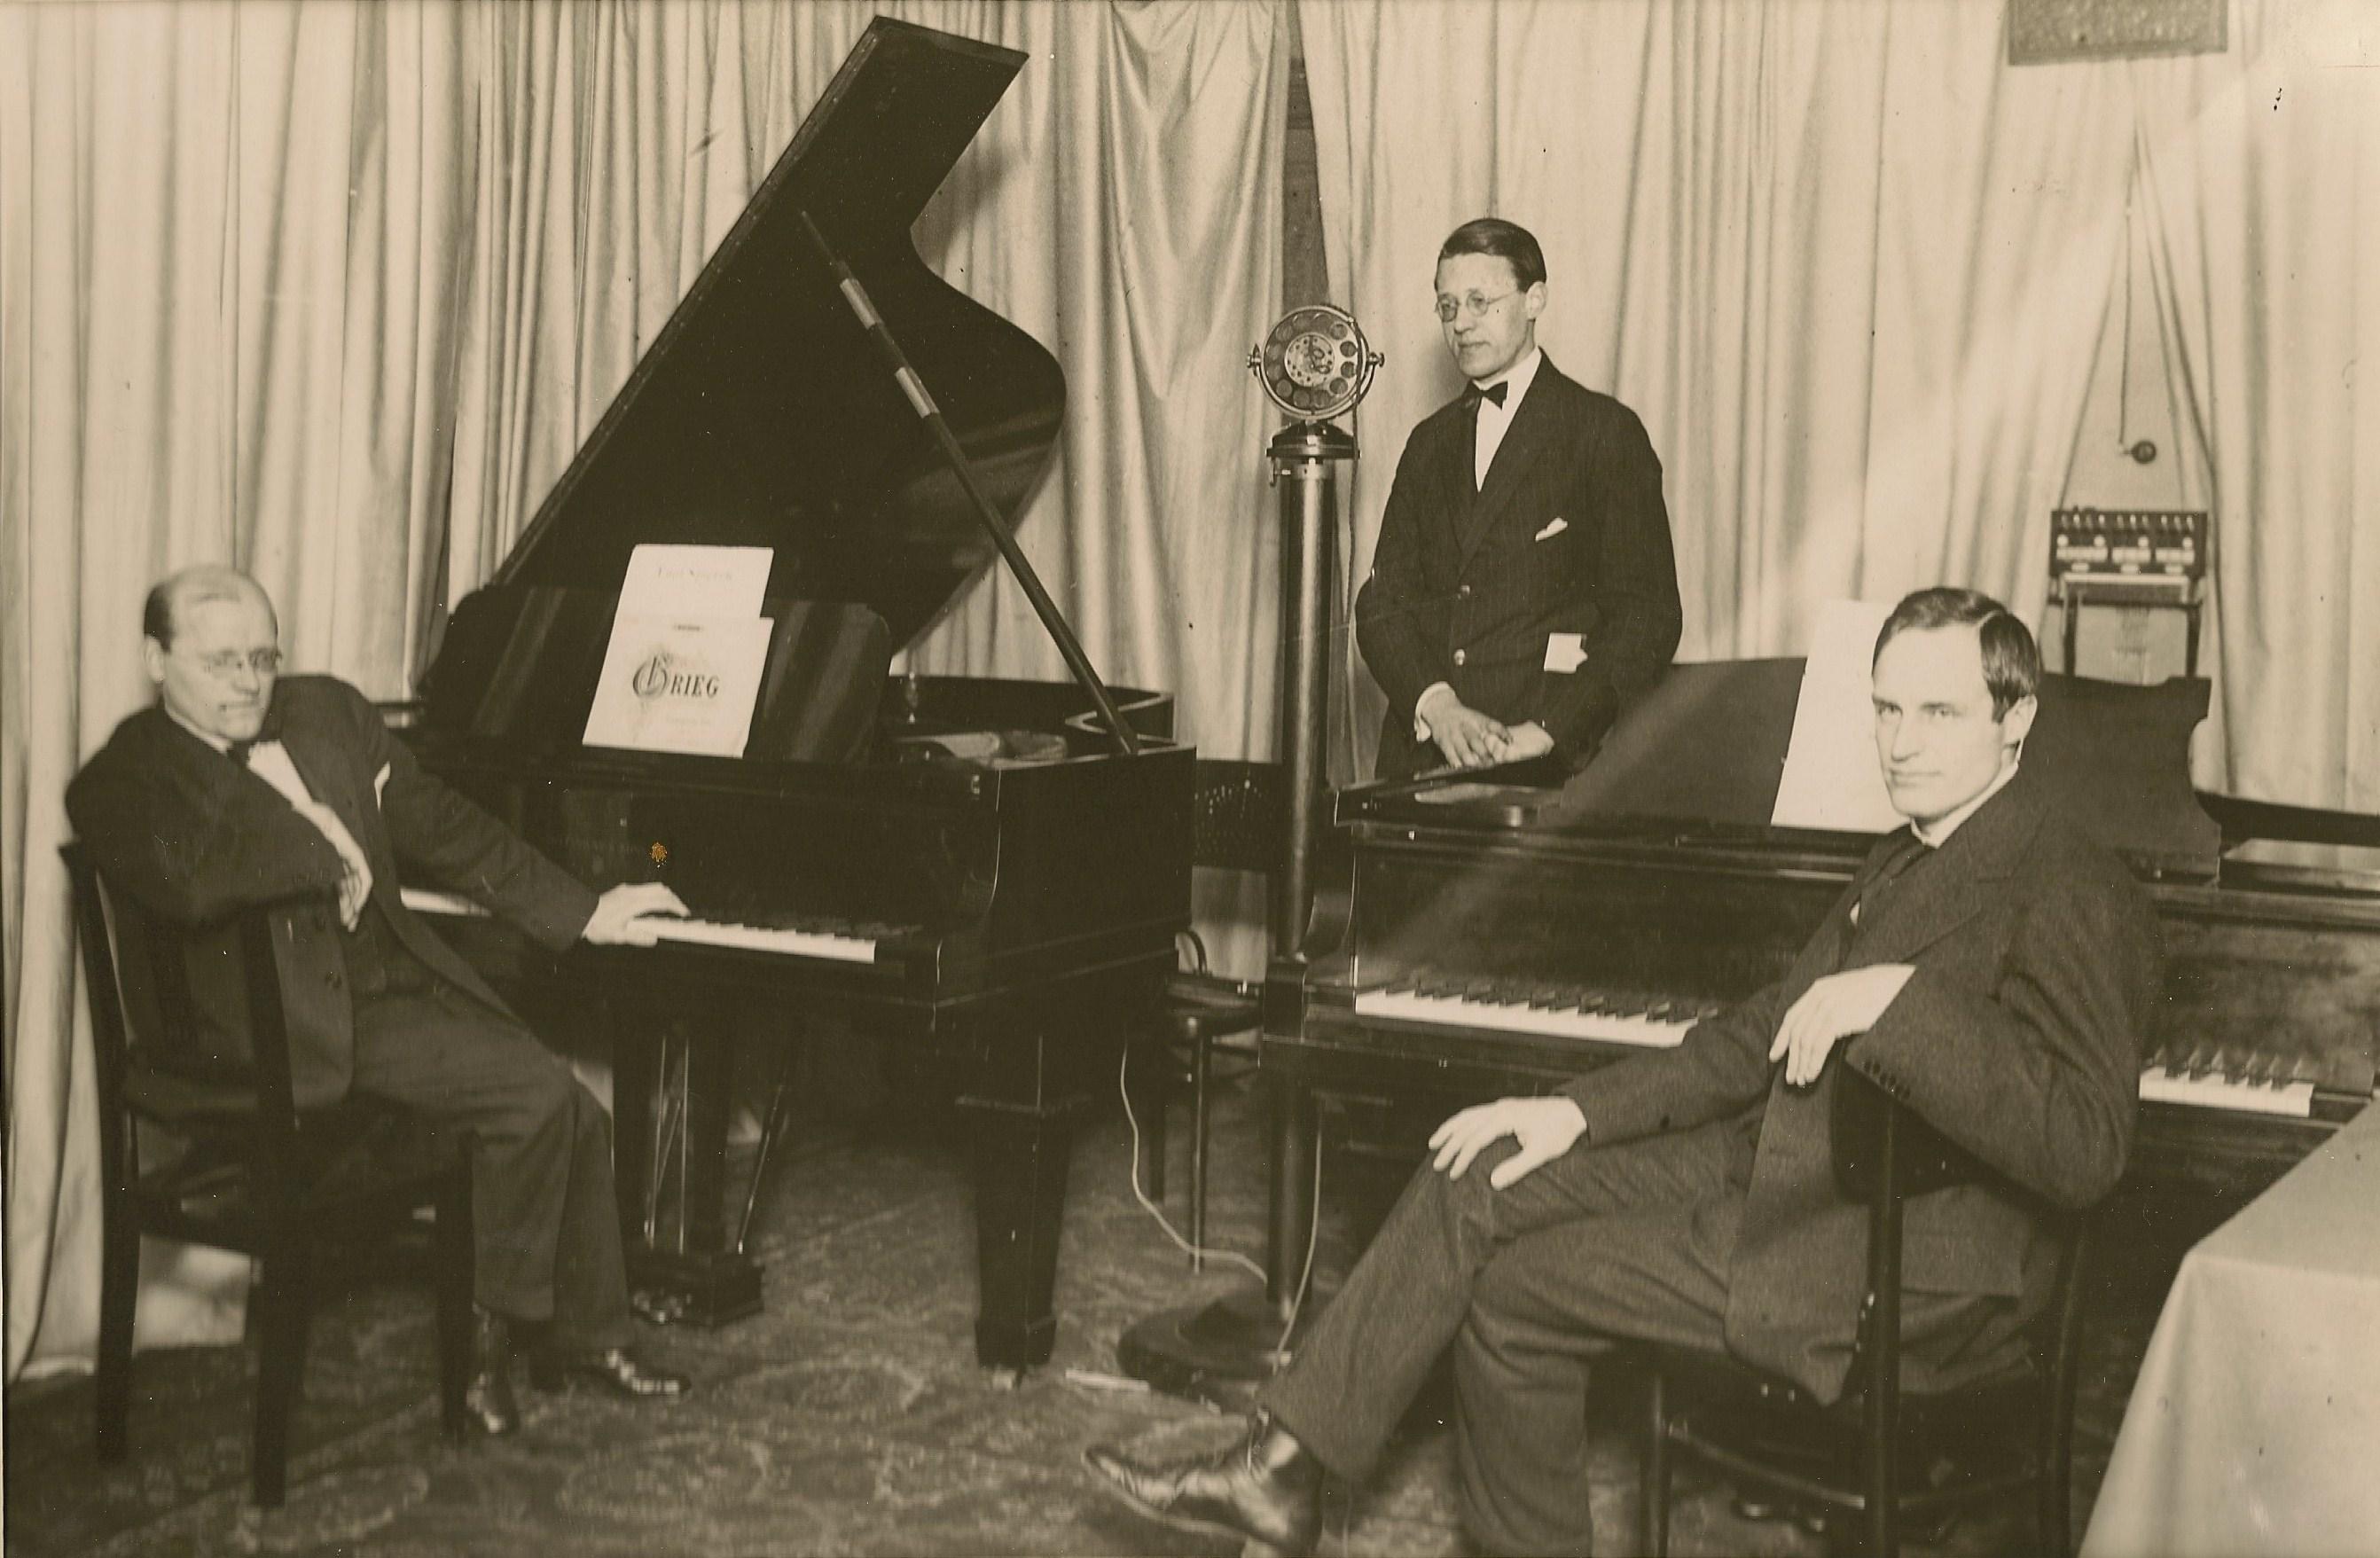 Jerring, Broman, Haquinius 1924 - start